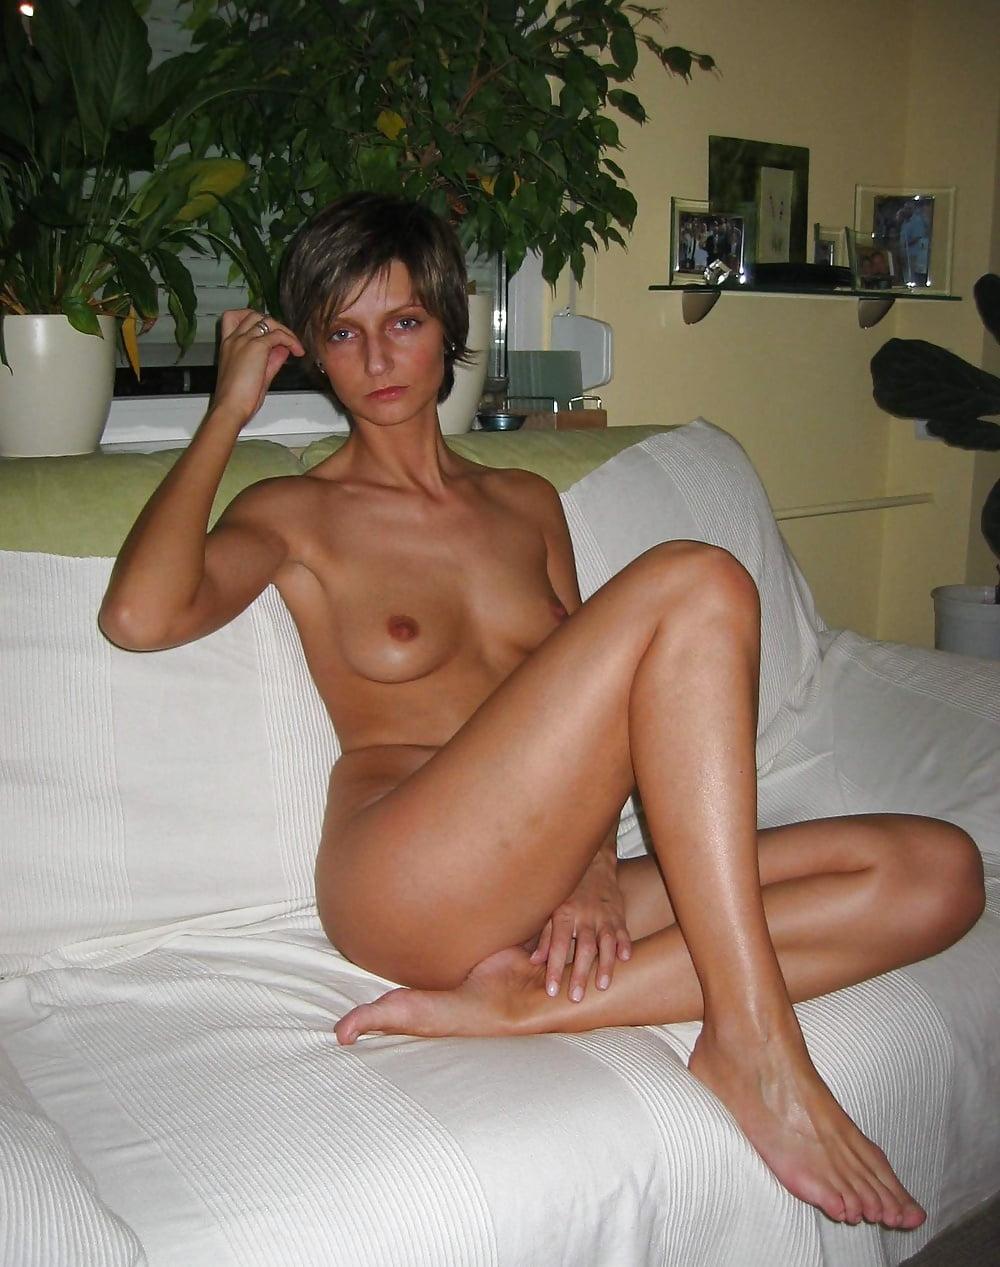 худые голые зрелые женщины встречалась неоднократно